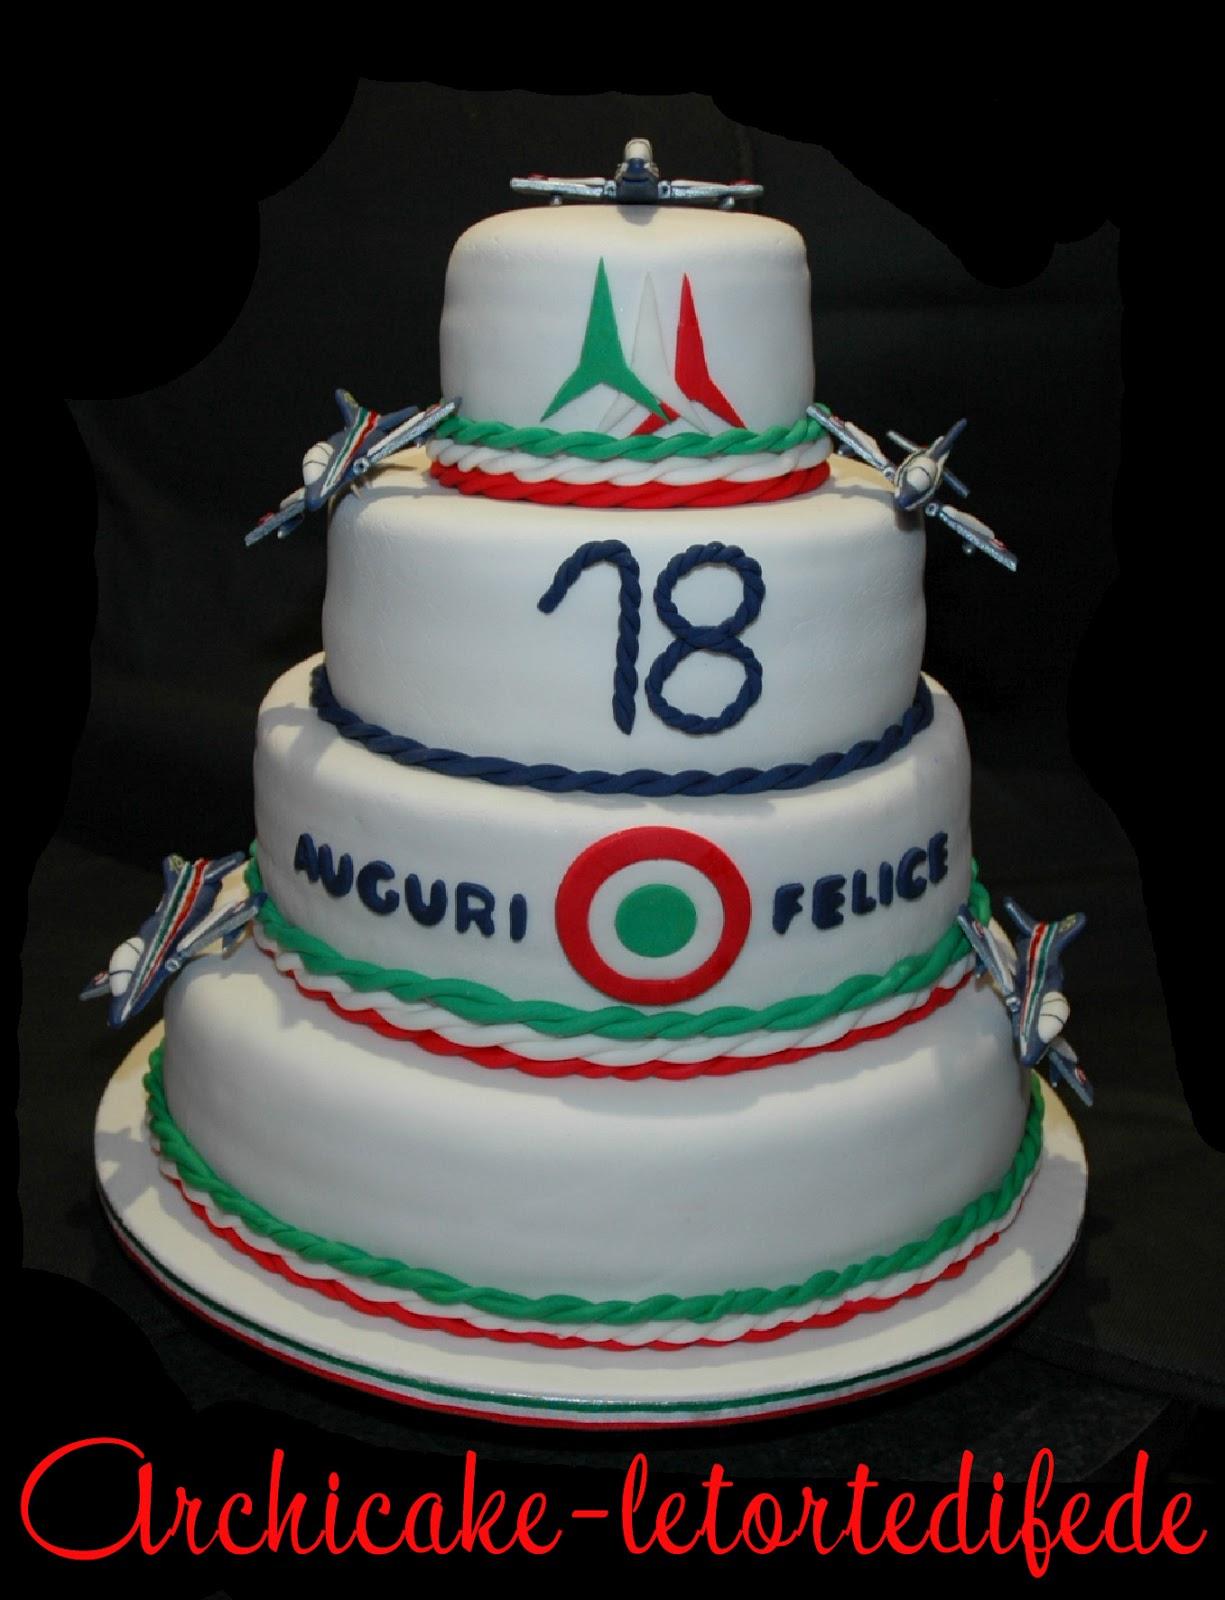 Archicake le torte di fede torta frecce tricolore for Torte 18 anni ragazzo